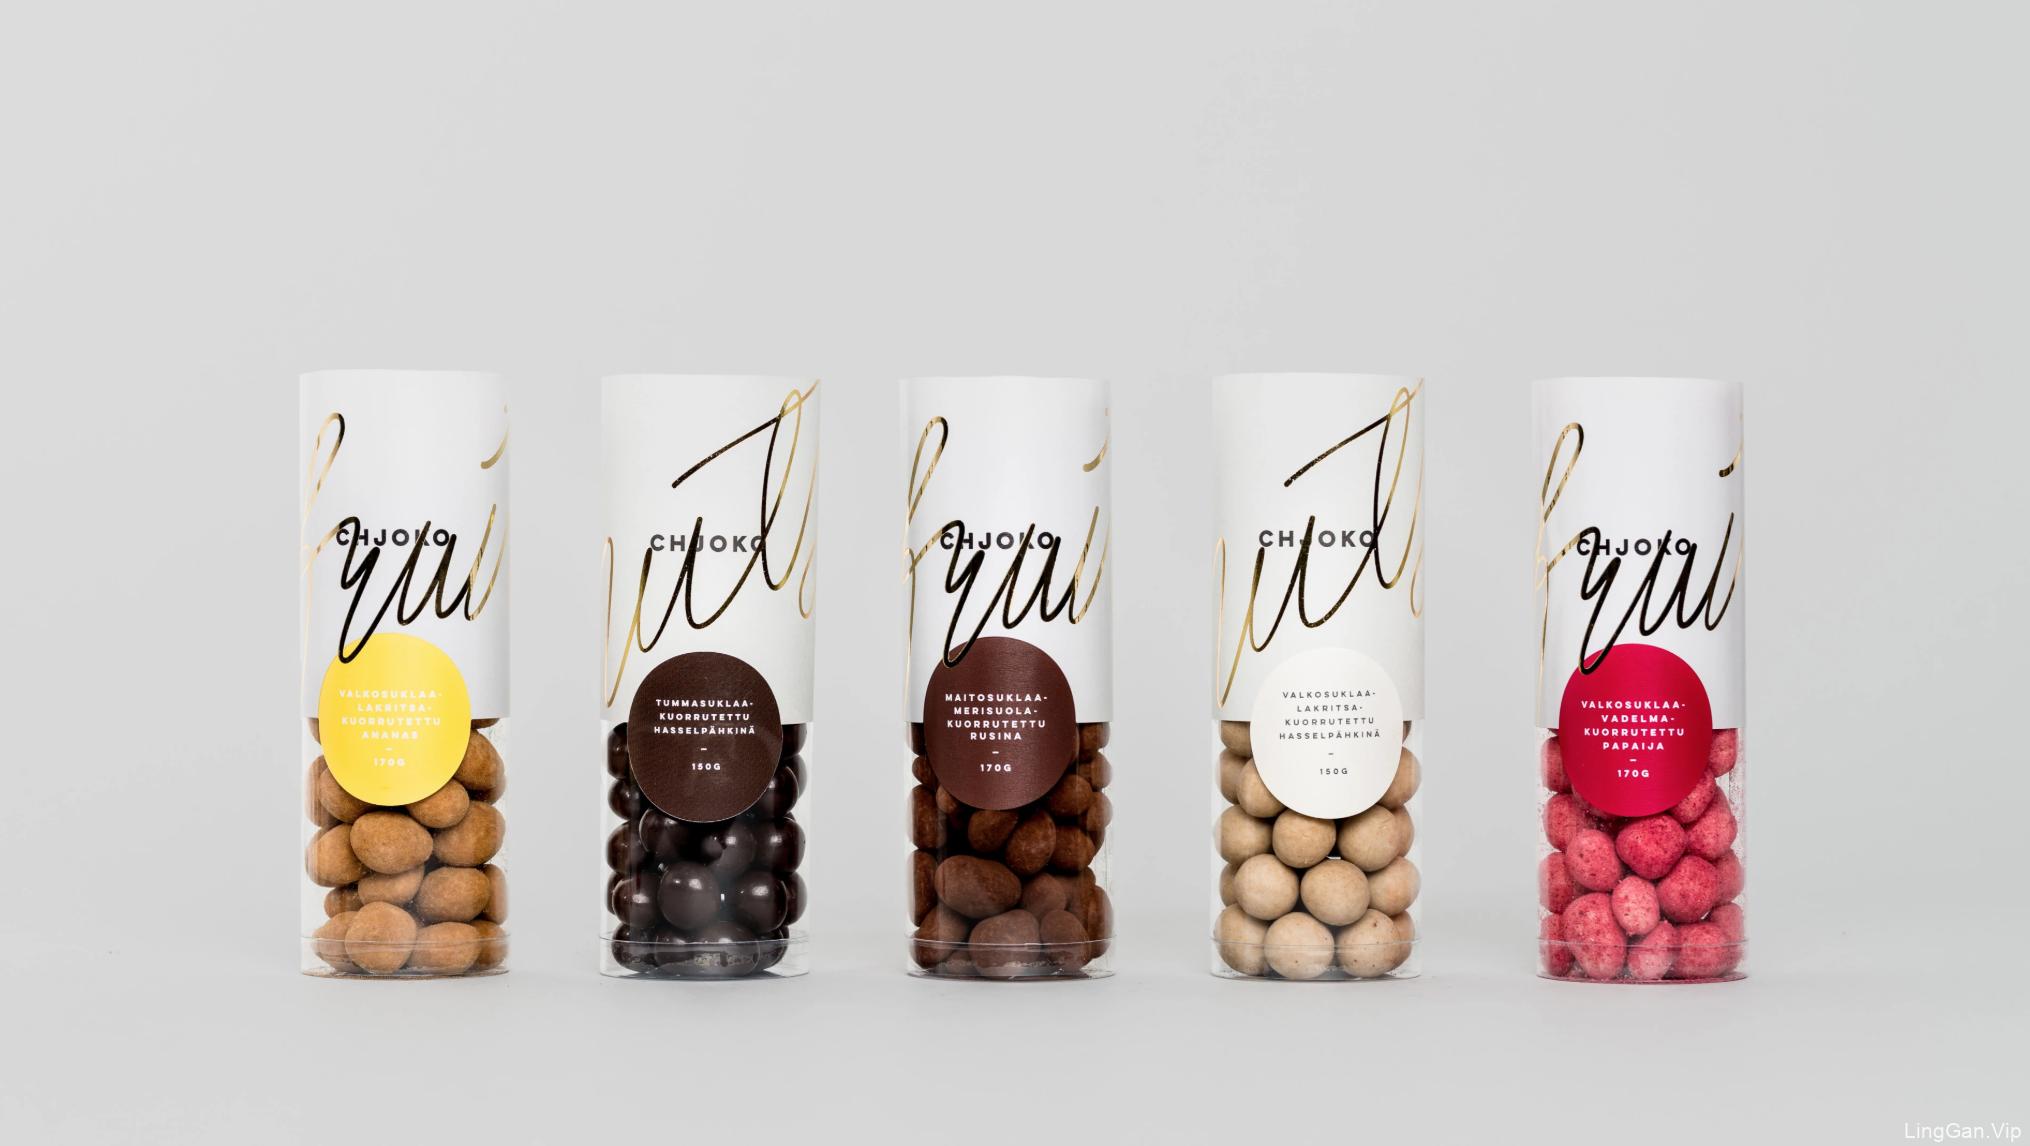 手工巧克力店Chjoko品牌和包装设计